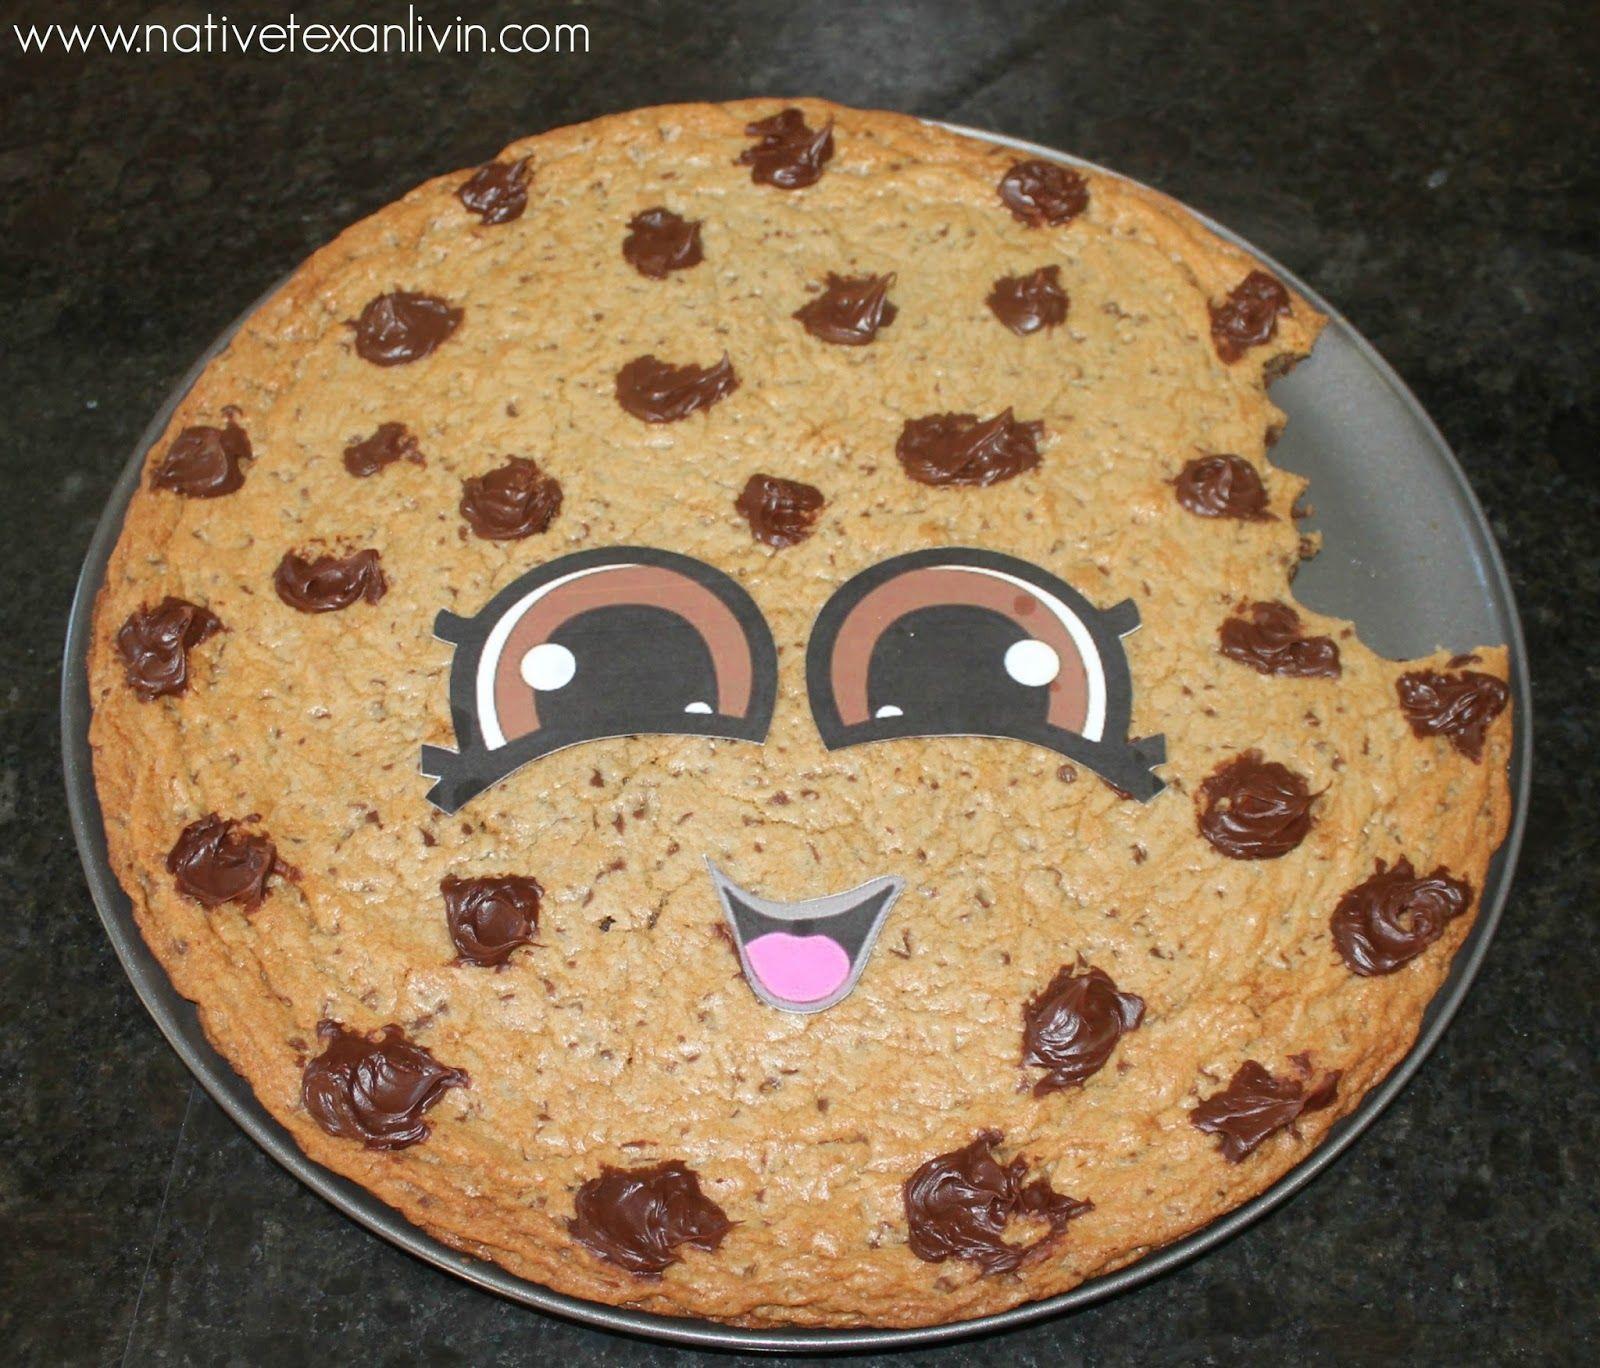 Kooky Cookie Cake Shopkins